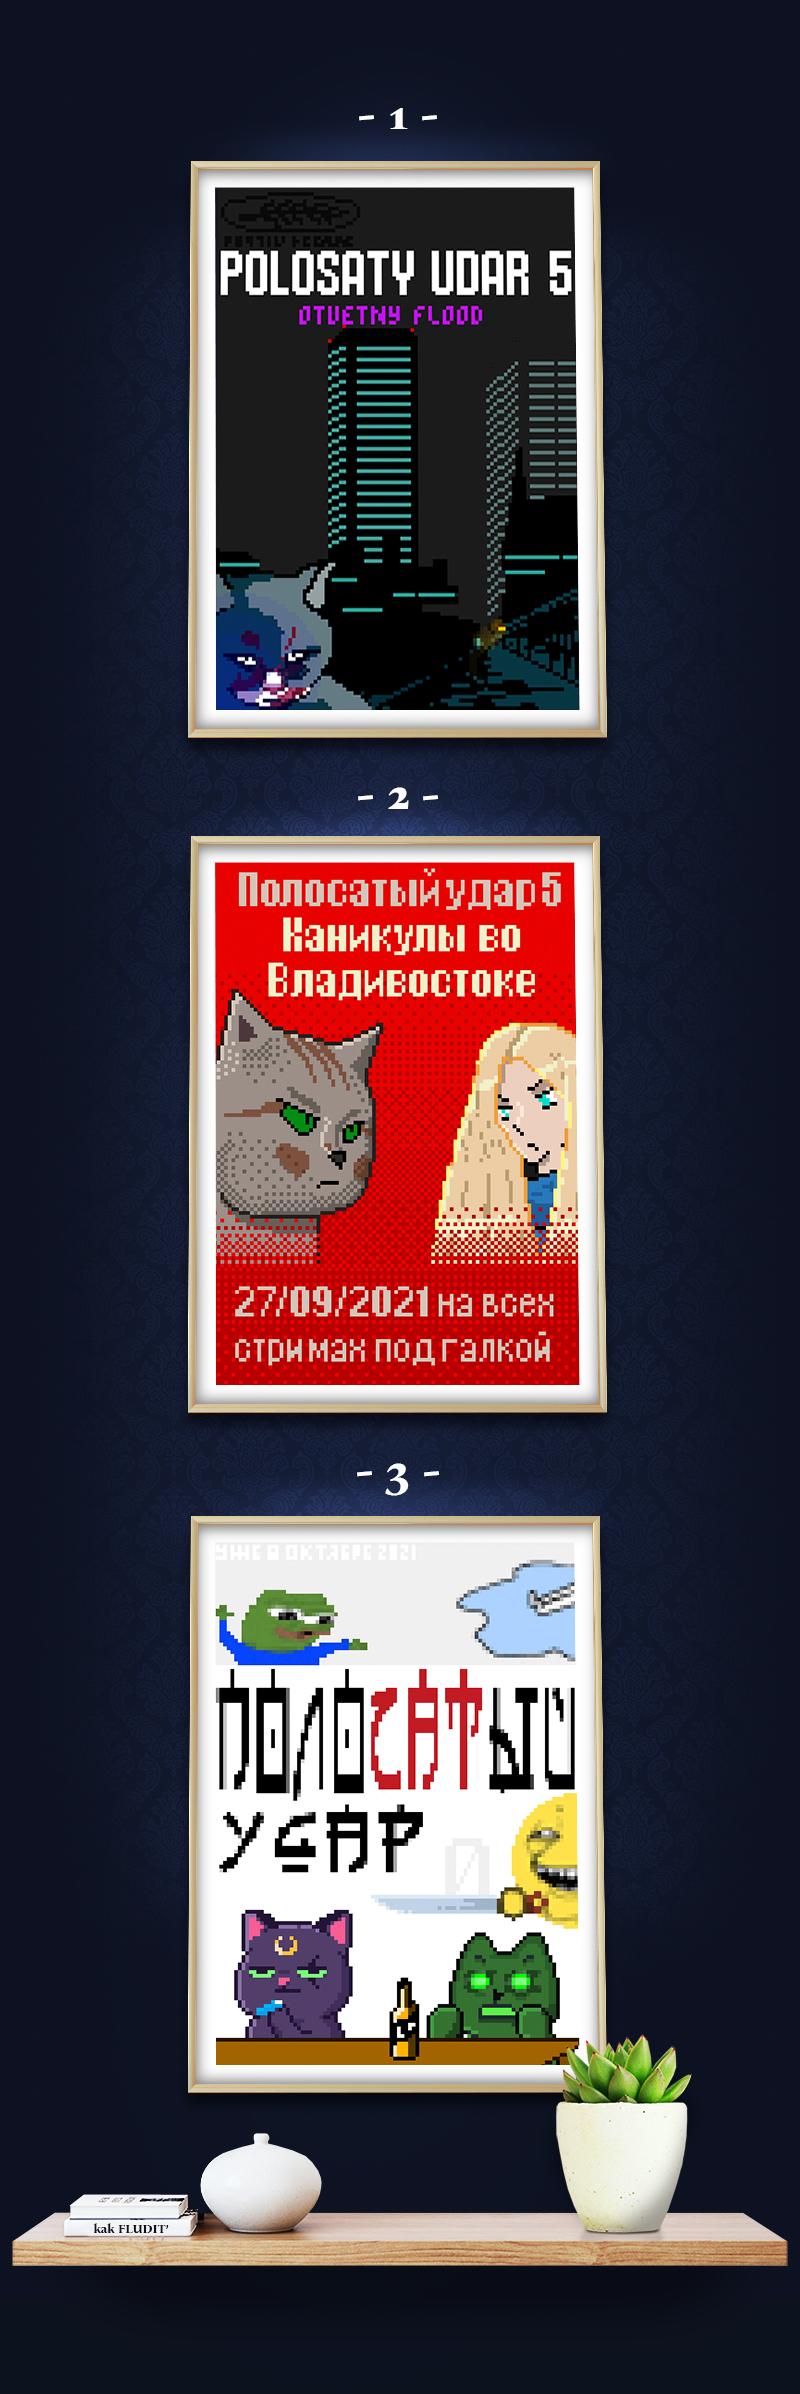 235368_4iPU.png